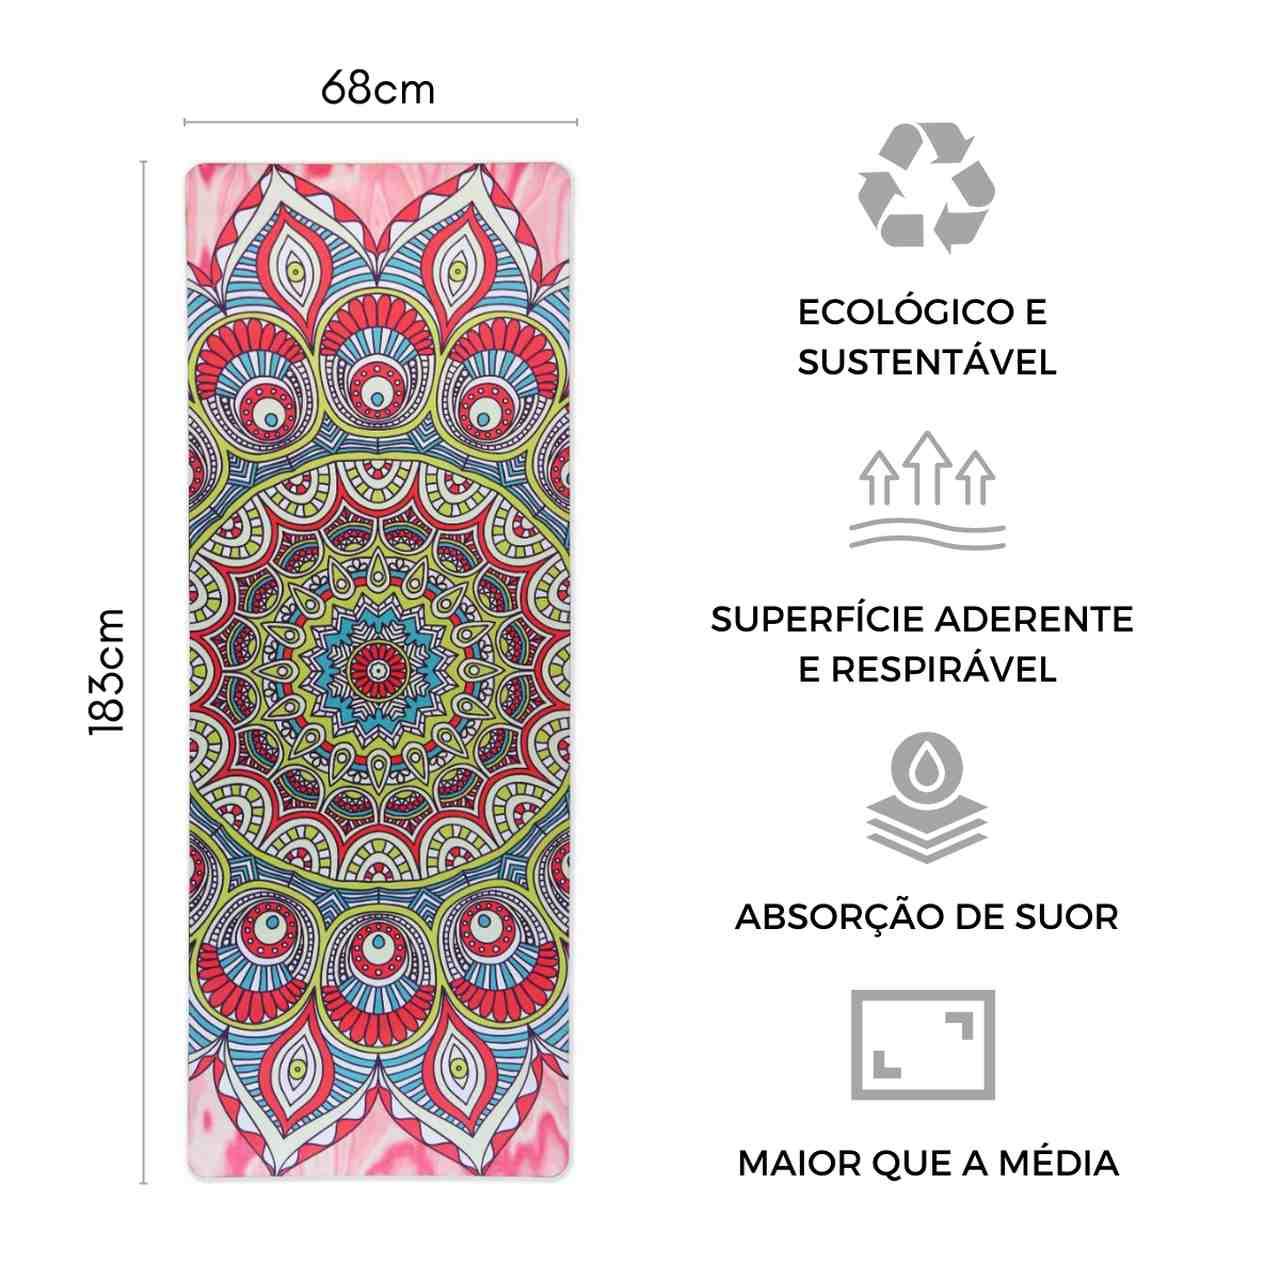 Tapete de Yoga Aveludado com Borracha Natural 183x68cm - Mandala Vibrações